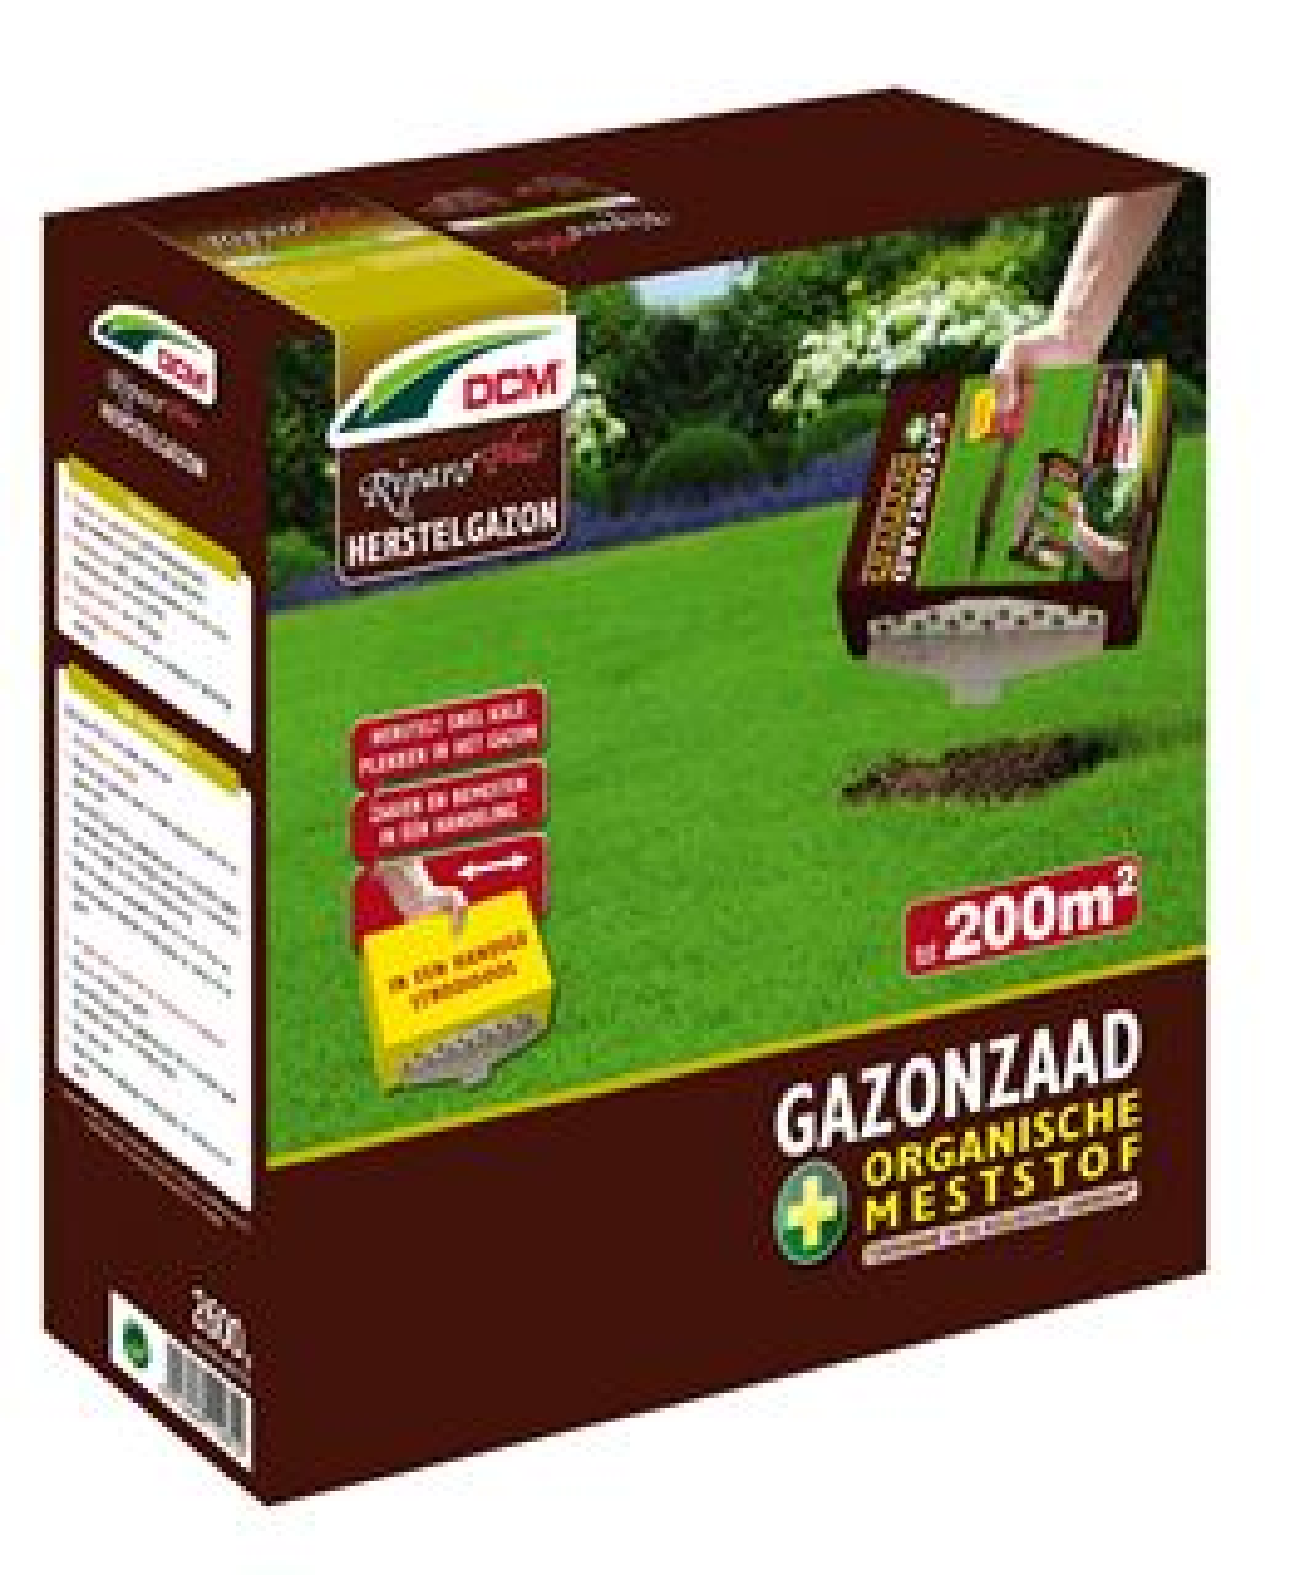 Riparo-plus-Herstelgazon-2-6kg-voor-200m-voor-herstel-en-doorzaai-inclusief-meststof